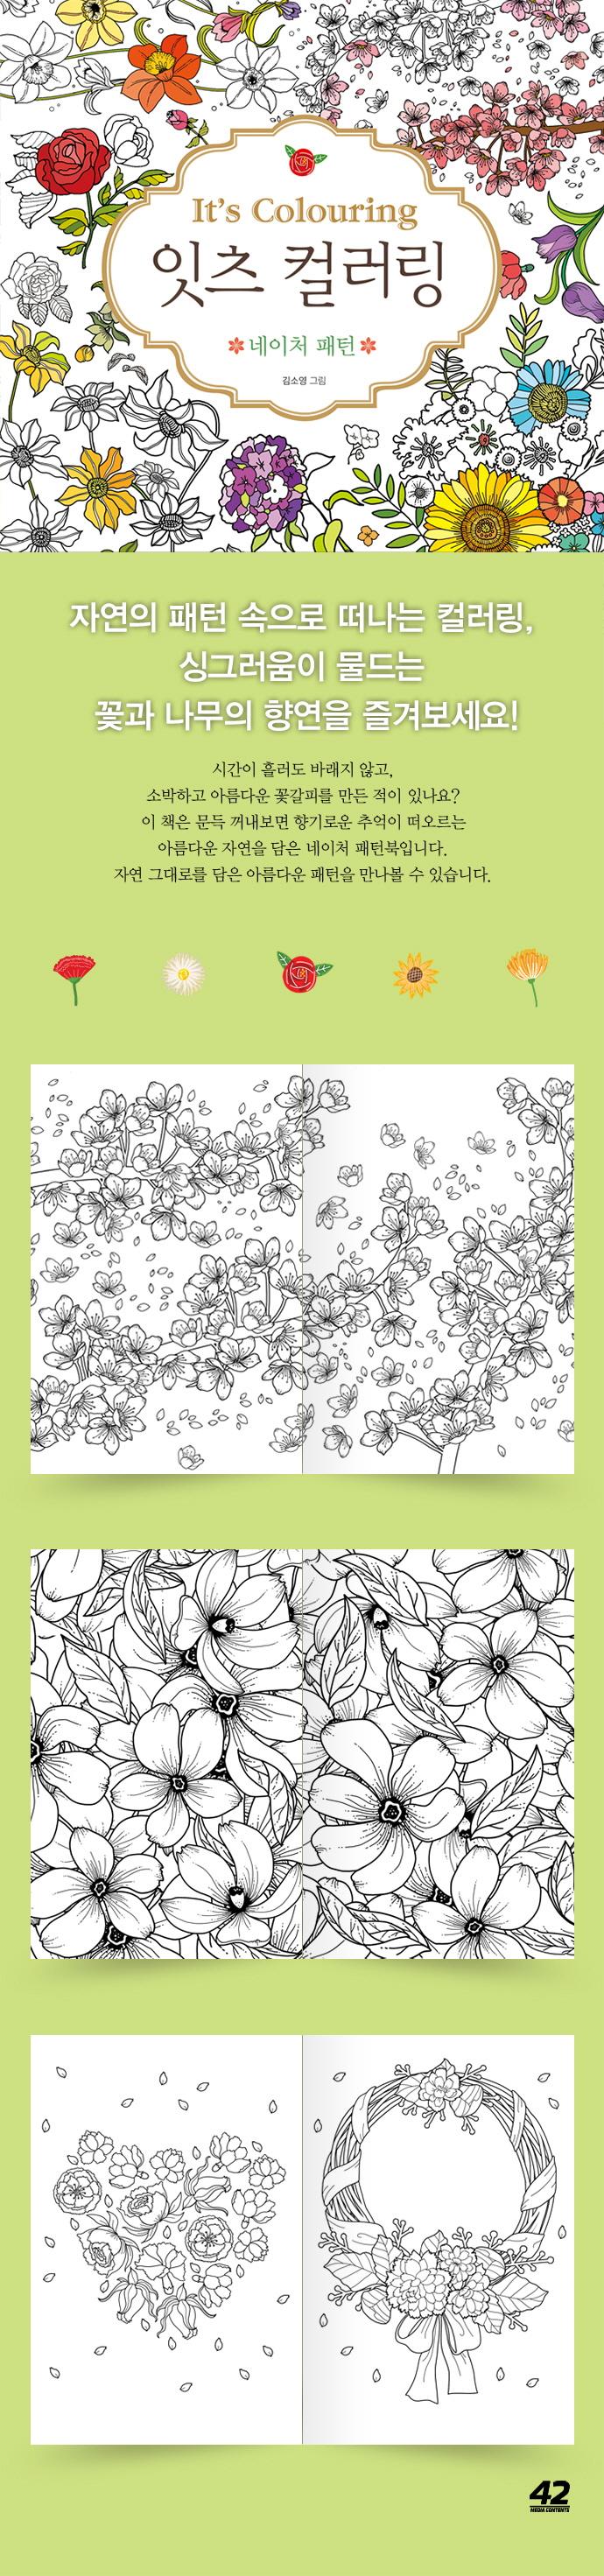 잇츠 컬러링(It's Colouring): 네이처 패턴 도서 상세이미지